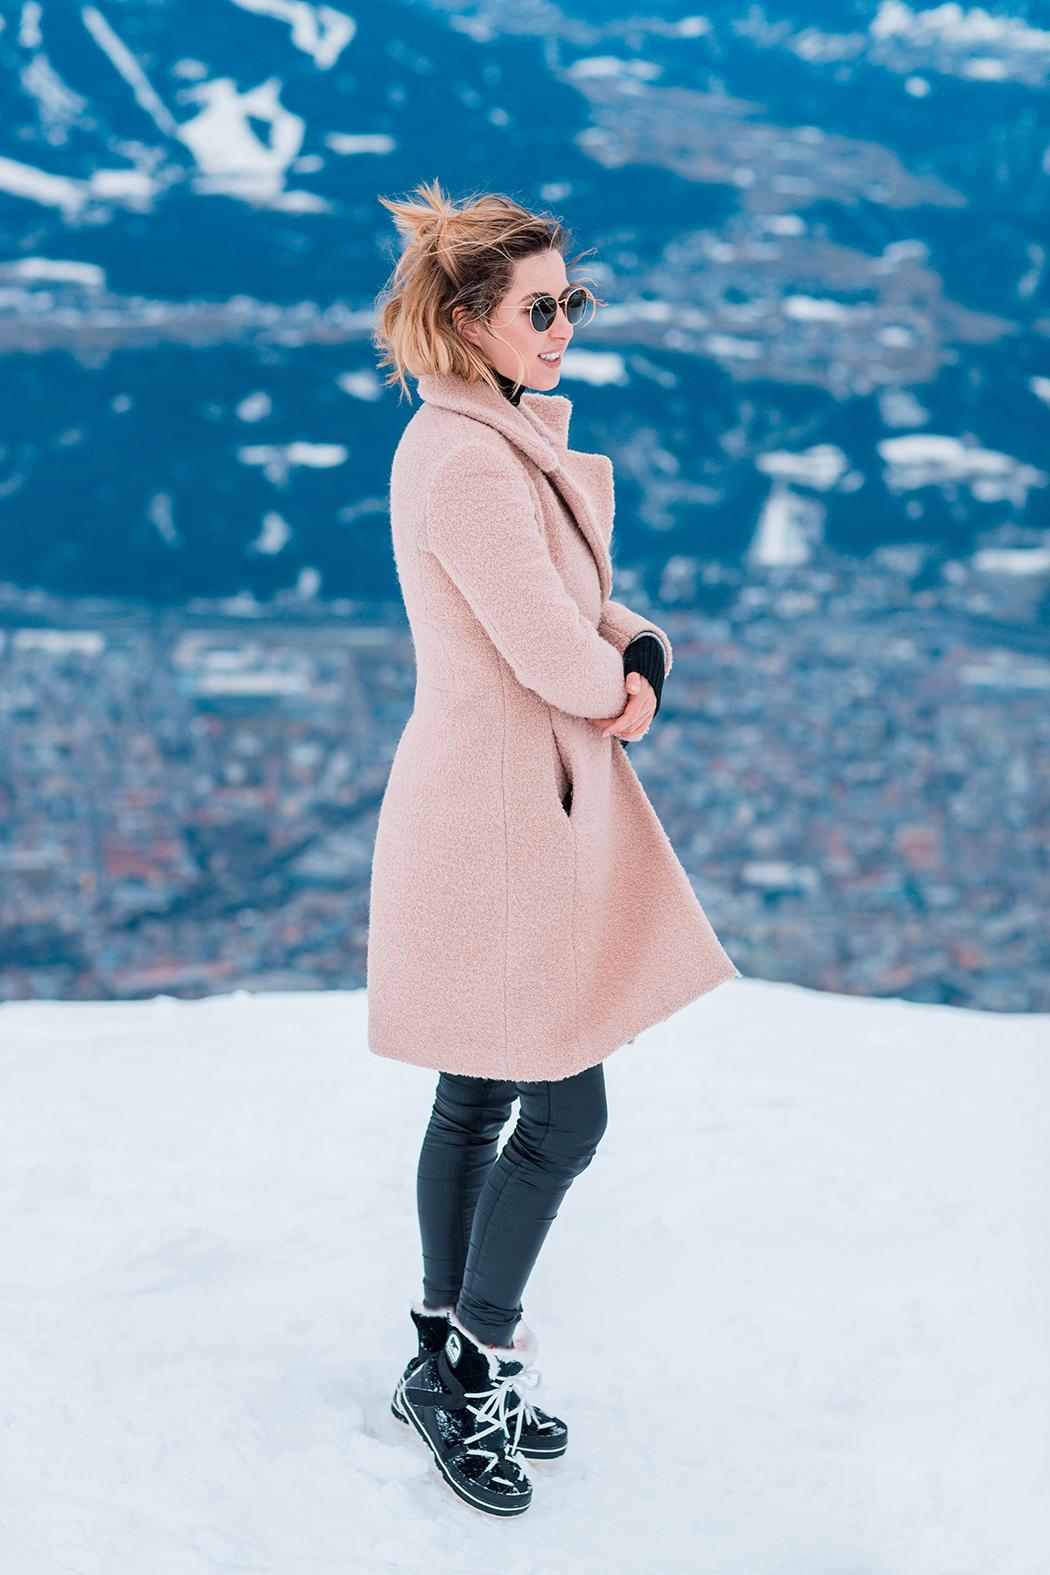 Fashionblog-Fashionblogger-Fashion-Blog-Blogger-Sorel-Boots-Innsbruck-Lindarella-9-web